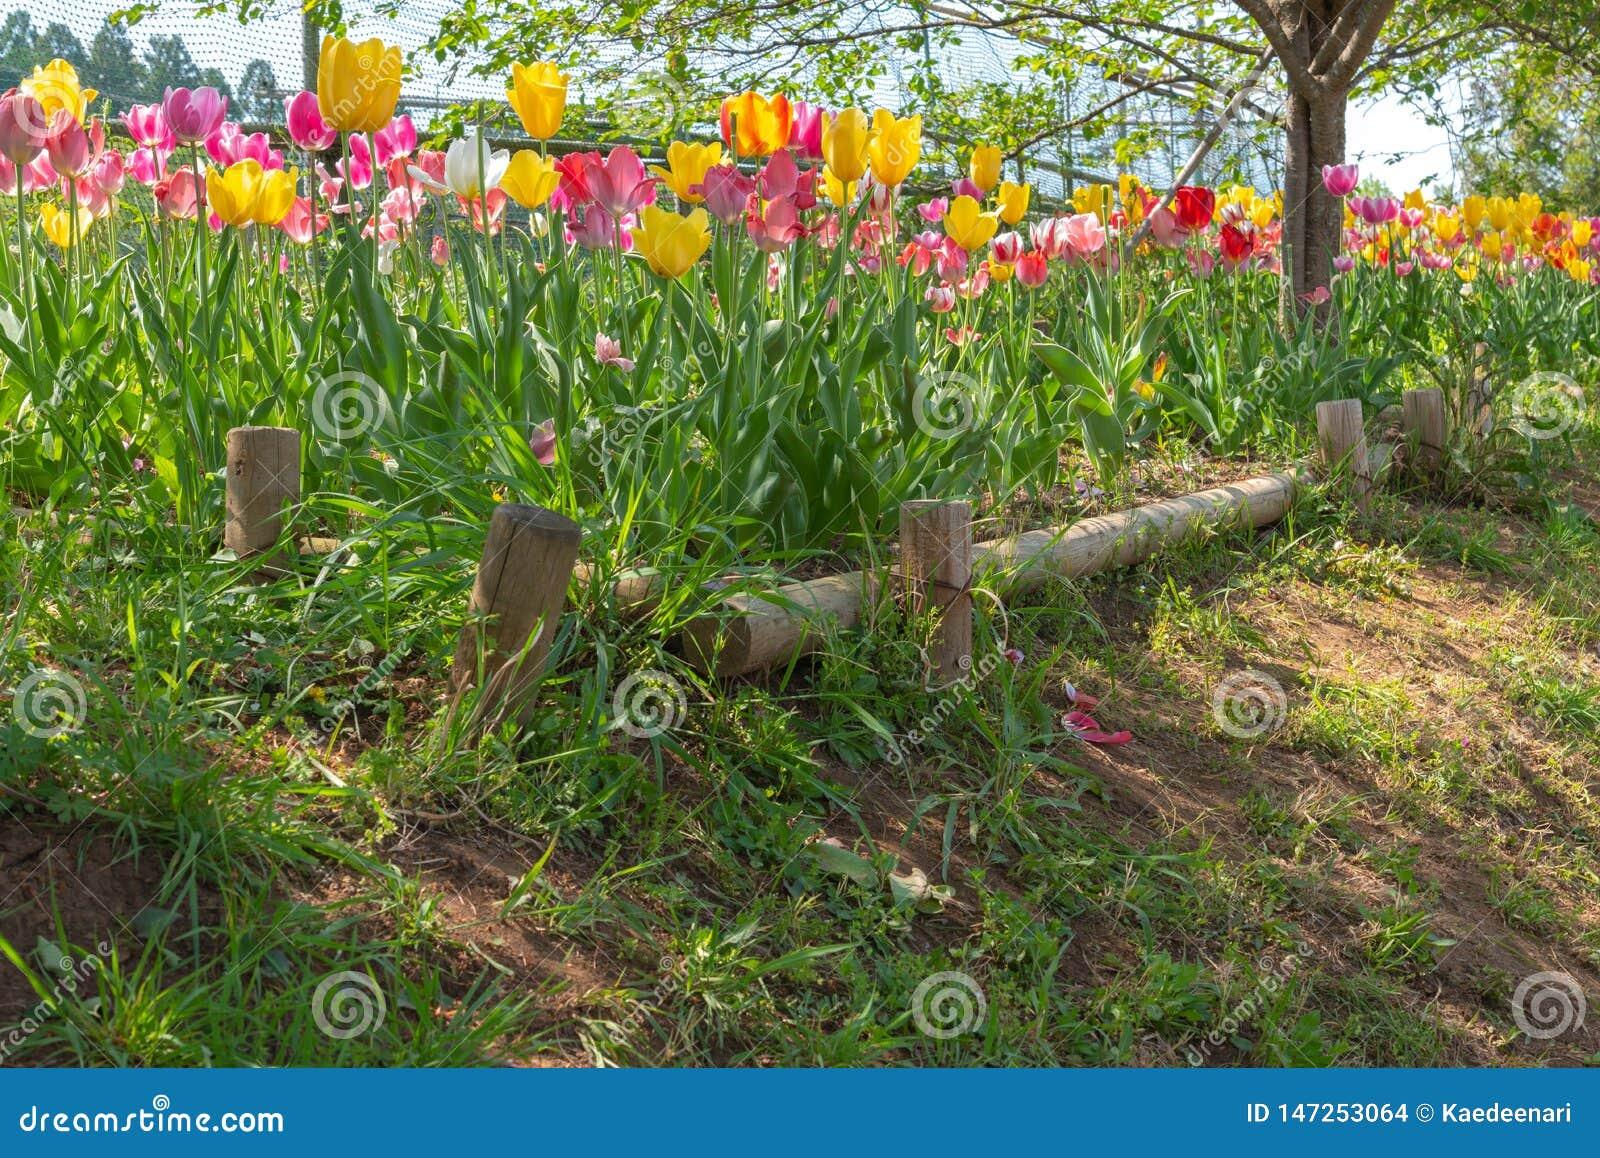 La vue de belles tulipes mettent en place multicolore dans le jardin